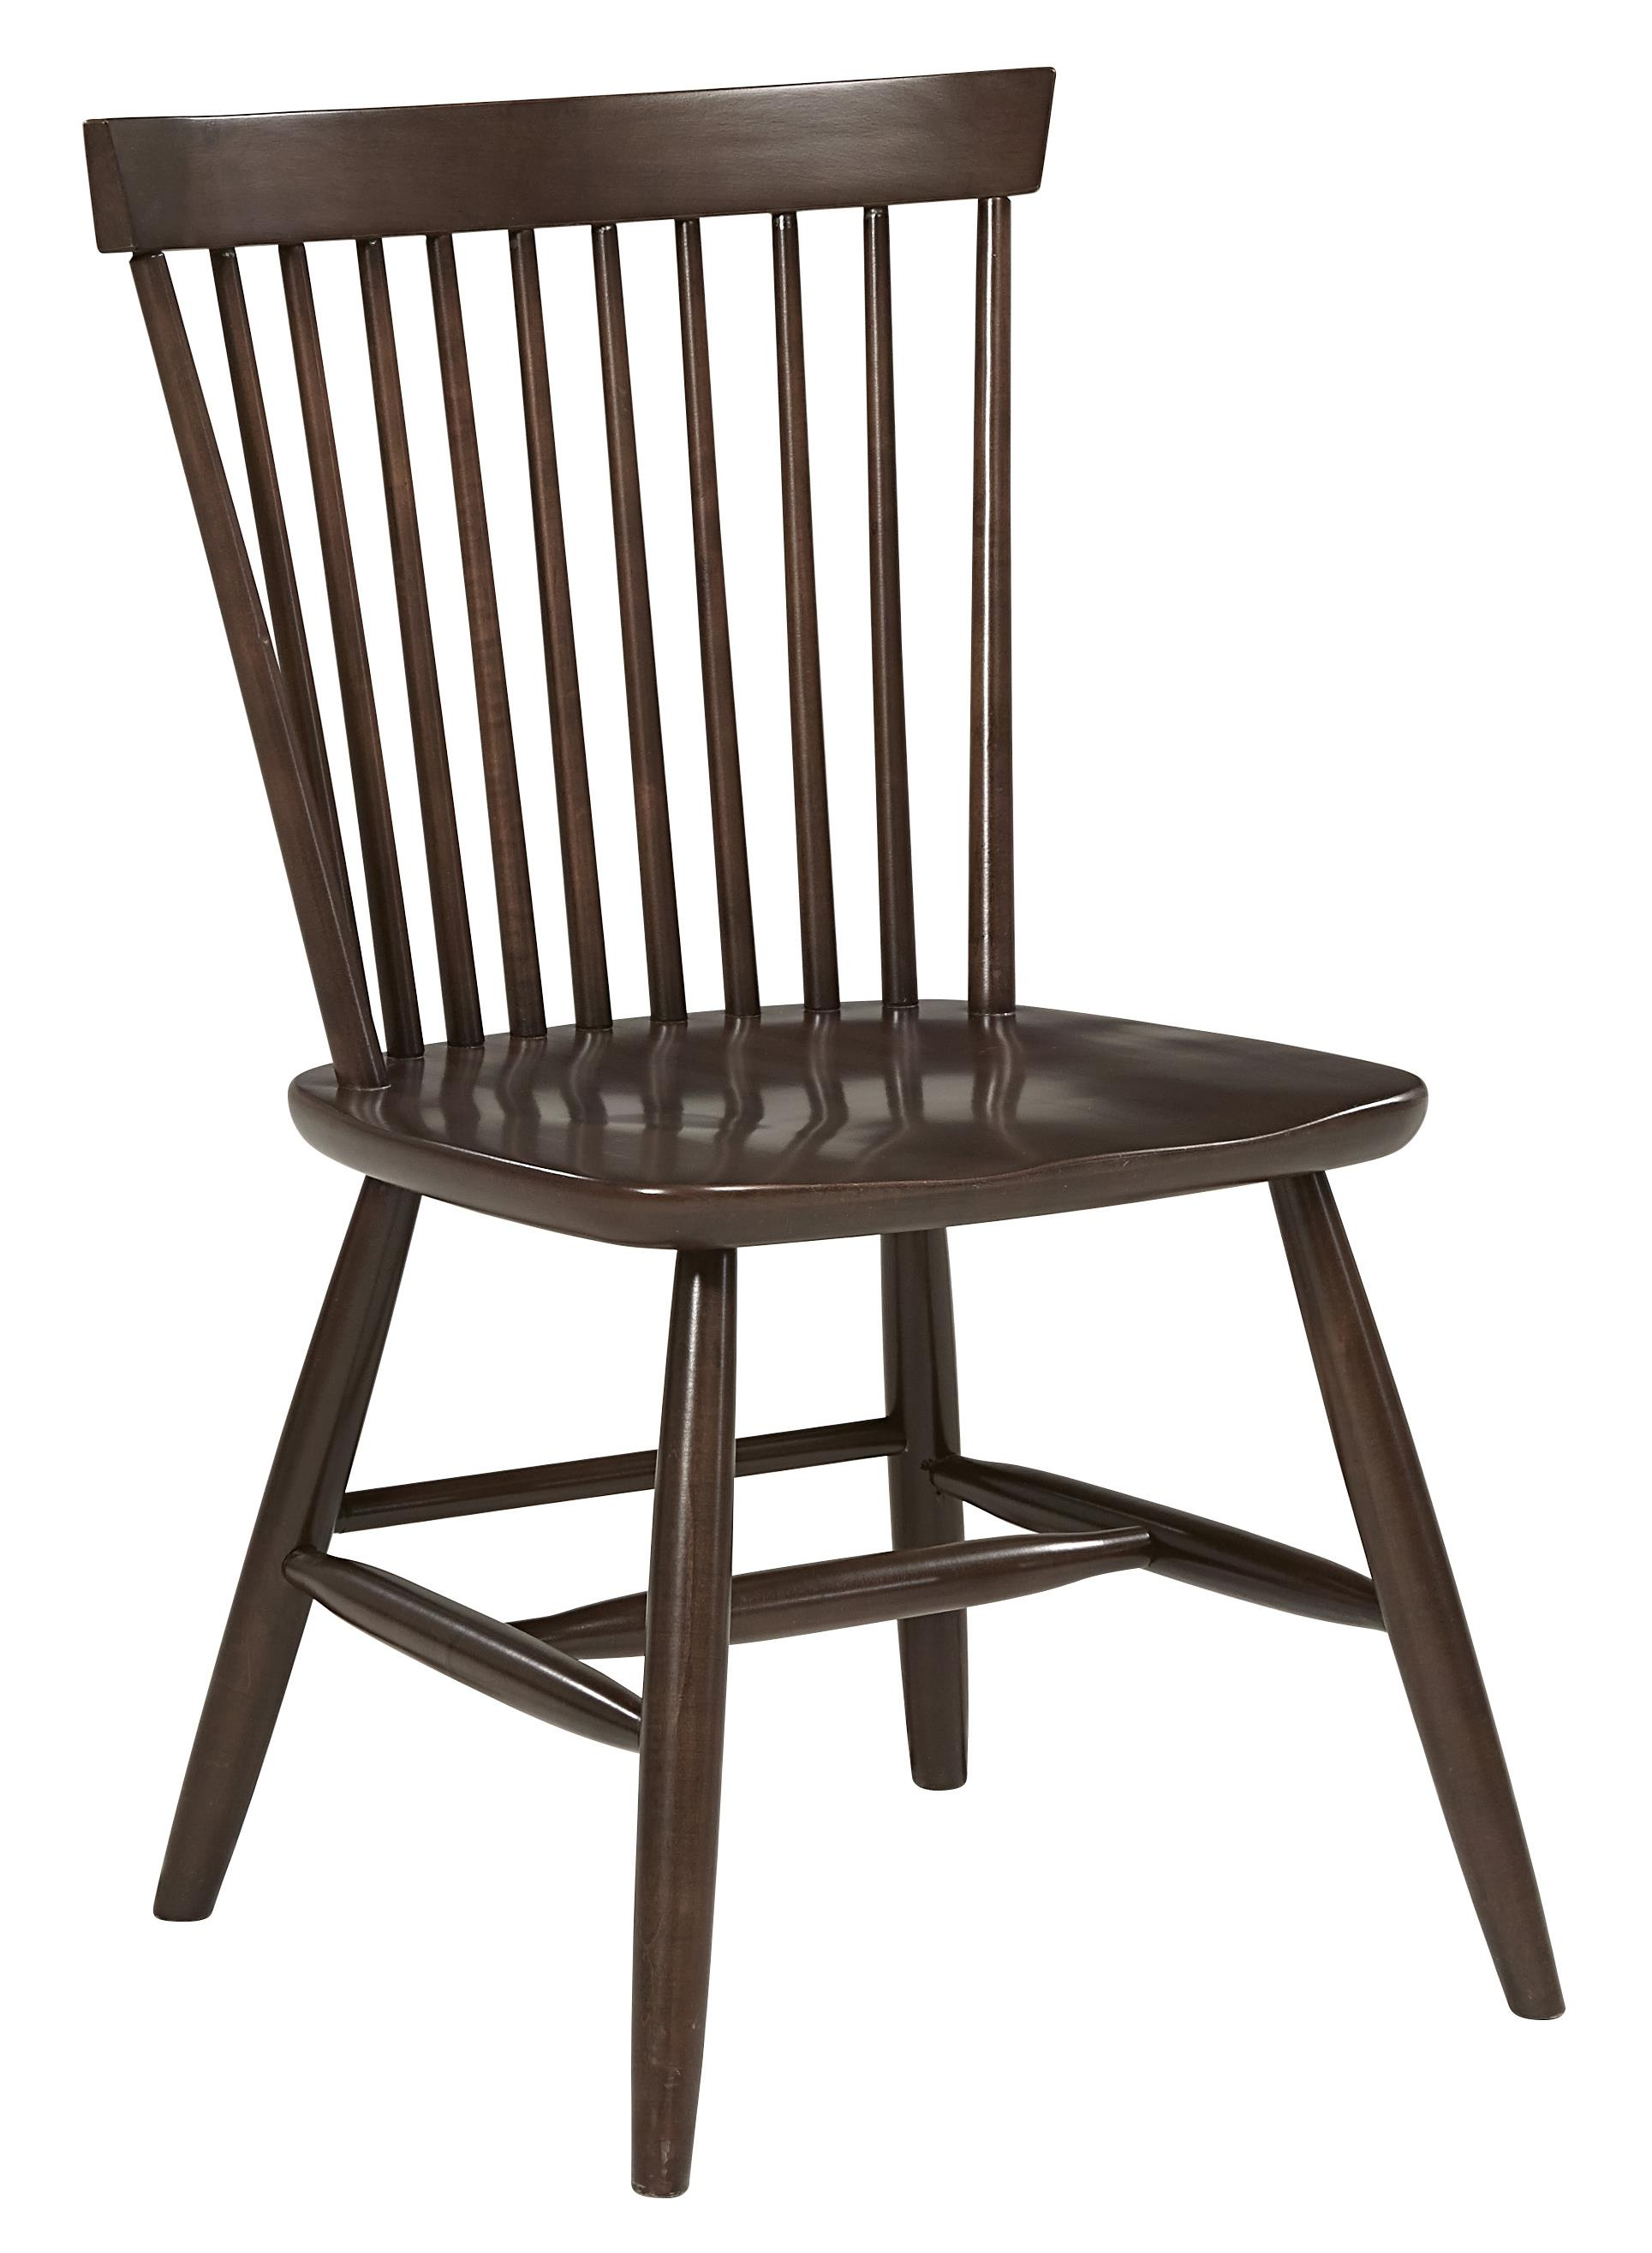 Vaughan Bassett Commentary Desk Chair - Item Number: 392-007